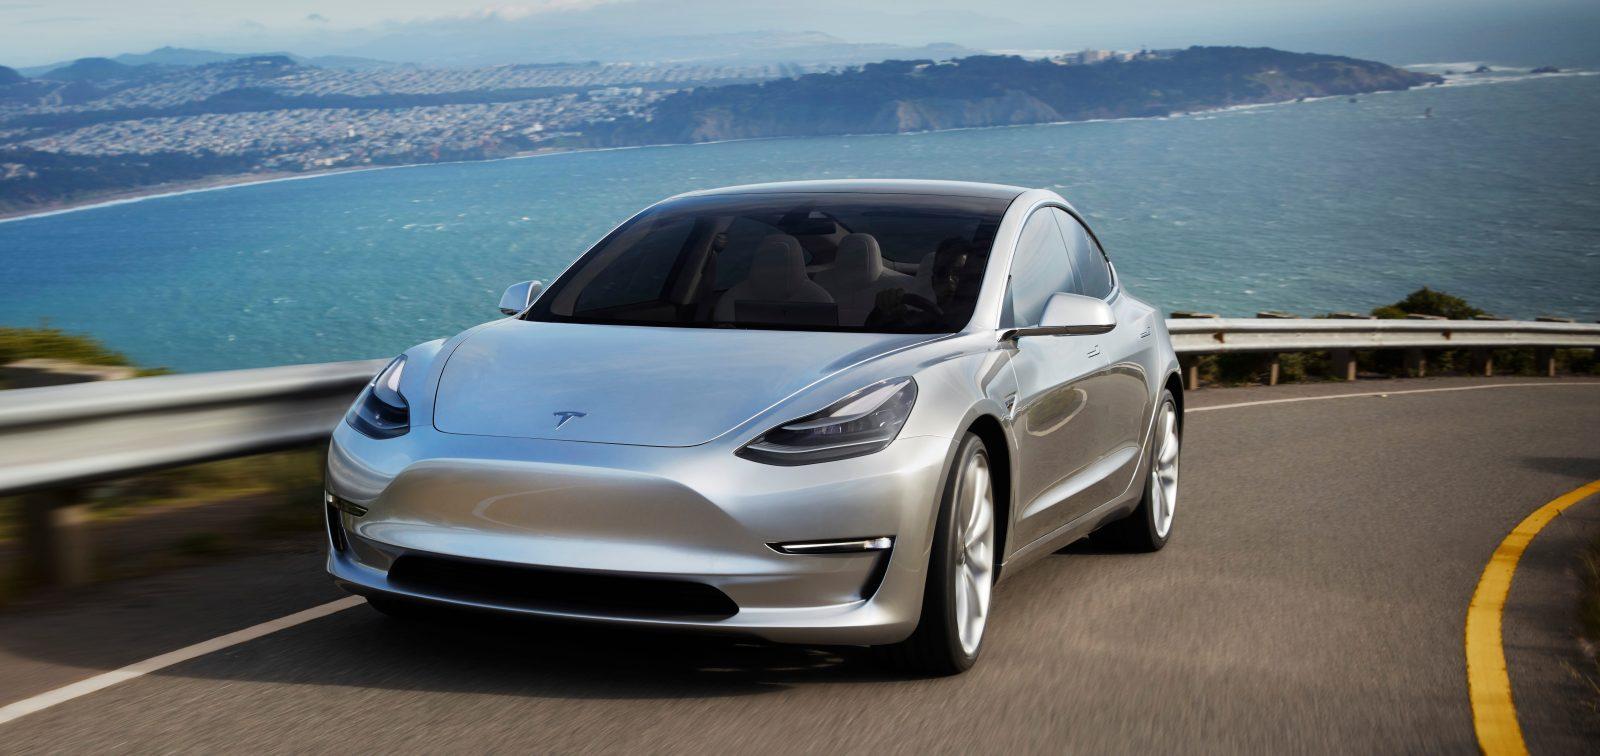 Musk presenta la Tesla Model 3, la scommessa che promette di rivoluzionare il mercato dell'automobile